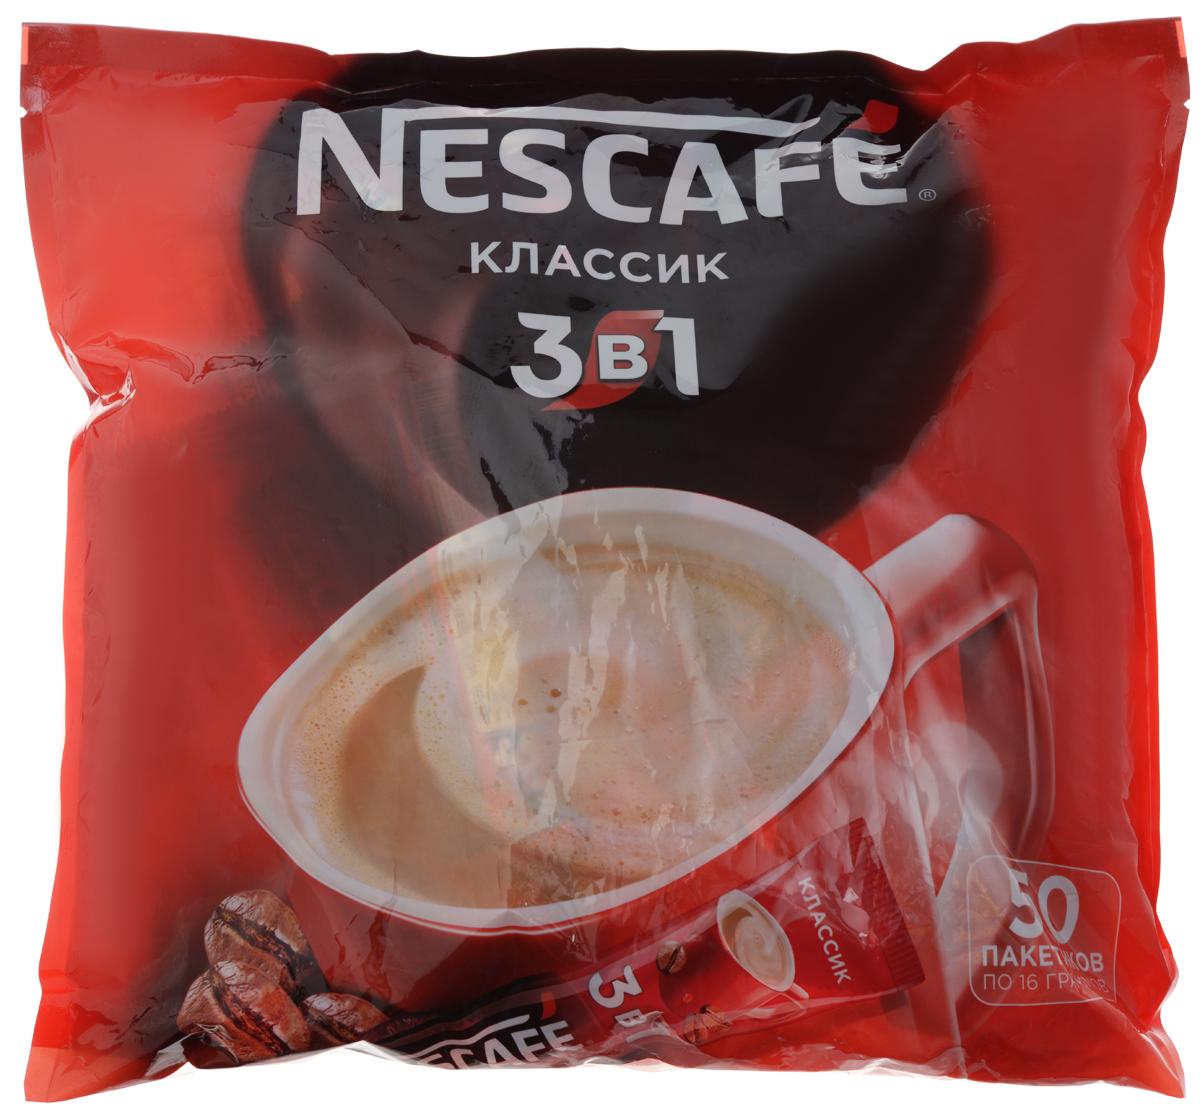 Nescafe 3 в 1 Классик кофе растворимый, 50 шт12235513Nescafe 3 в 1 Классик - кофейно-сливочный напиток, в состав которого входят высококачественные ингредиенты: кофе Nescafe, сахар, сливки растительного происхождения. Каждый пакетик Nescafe 3 в 1 подарит вам идеальное сочетание кофе, сливок, сахара!